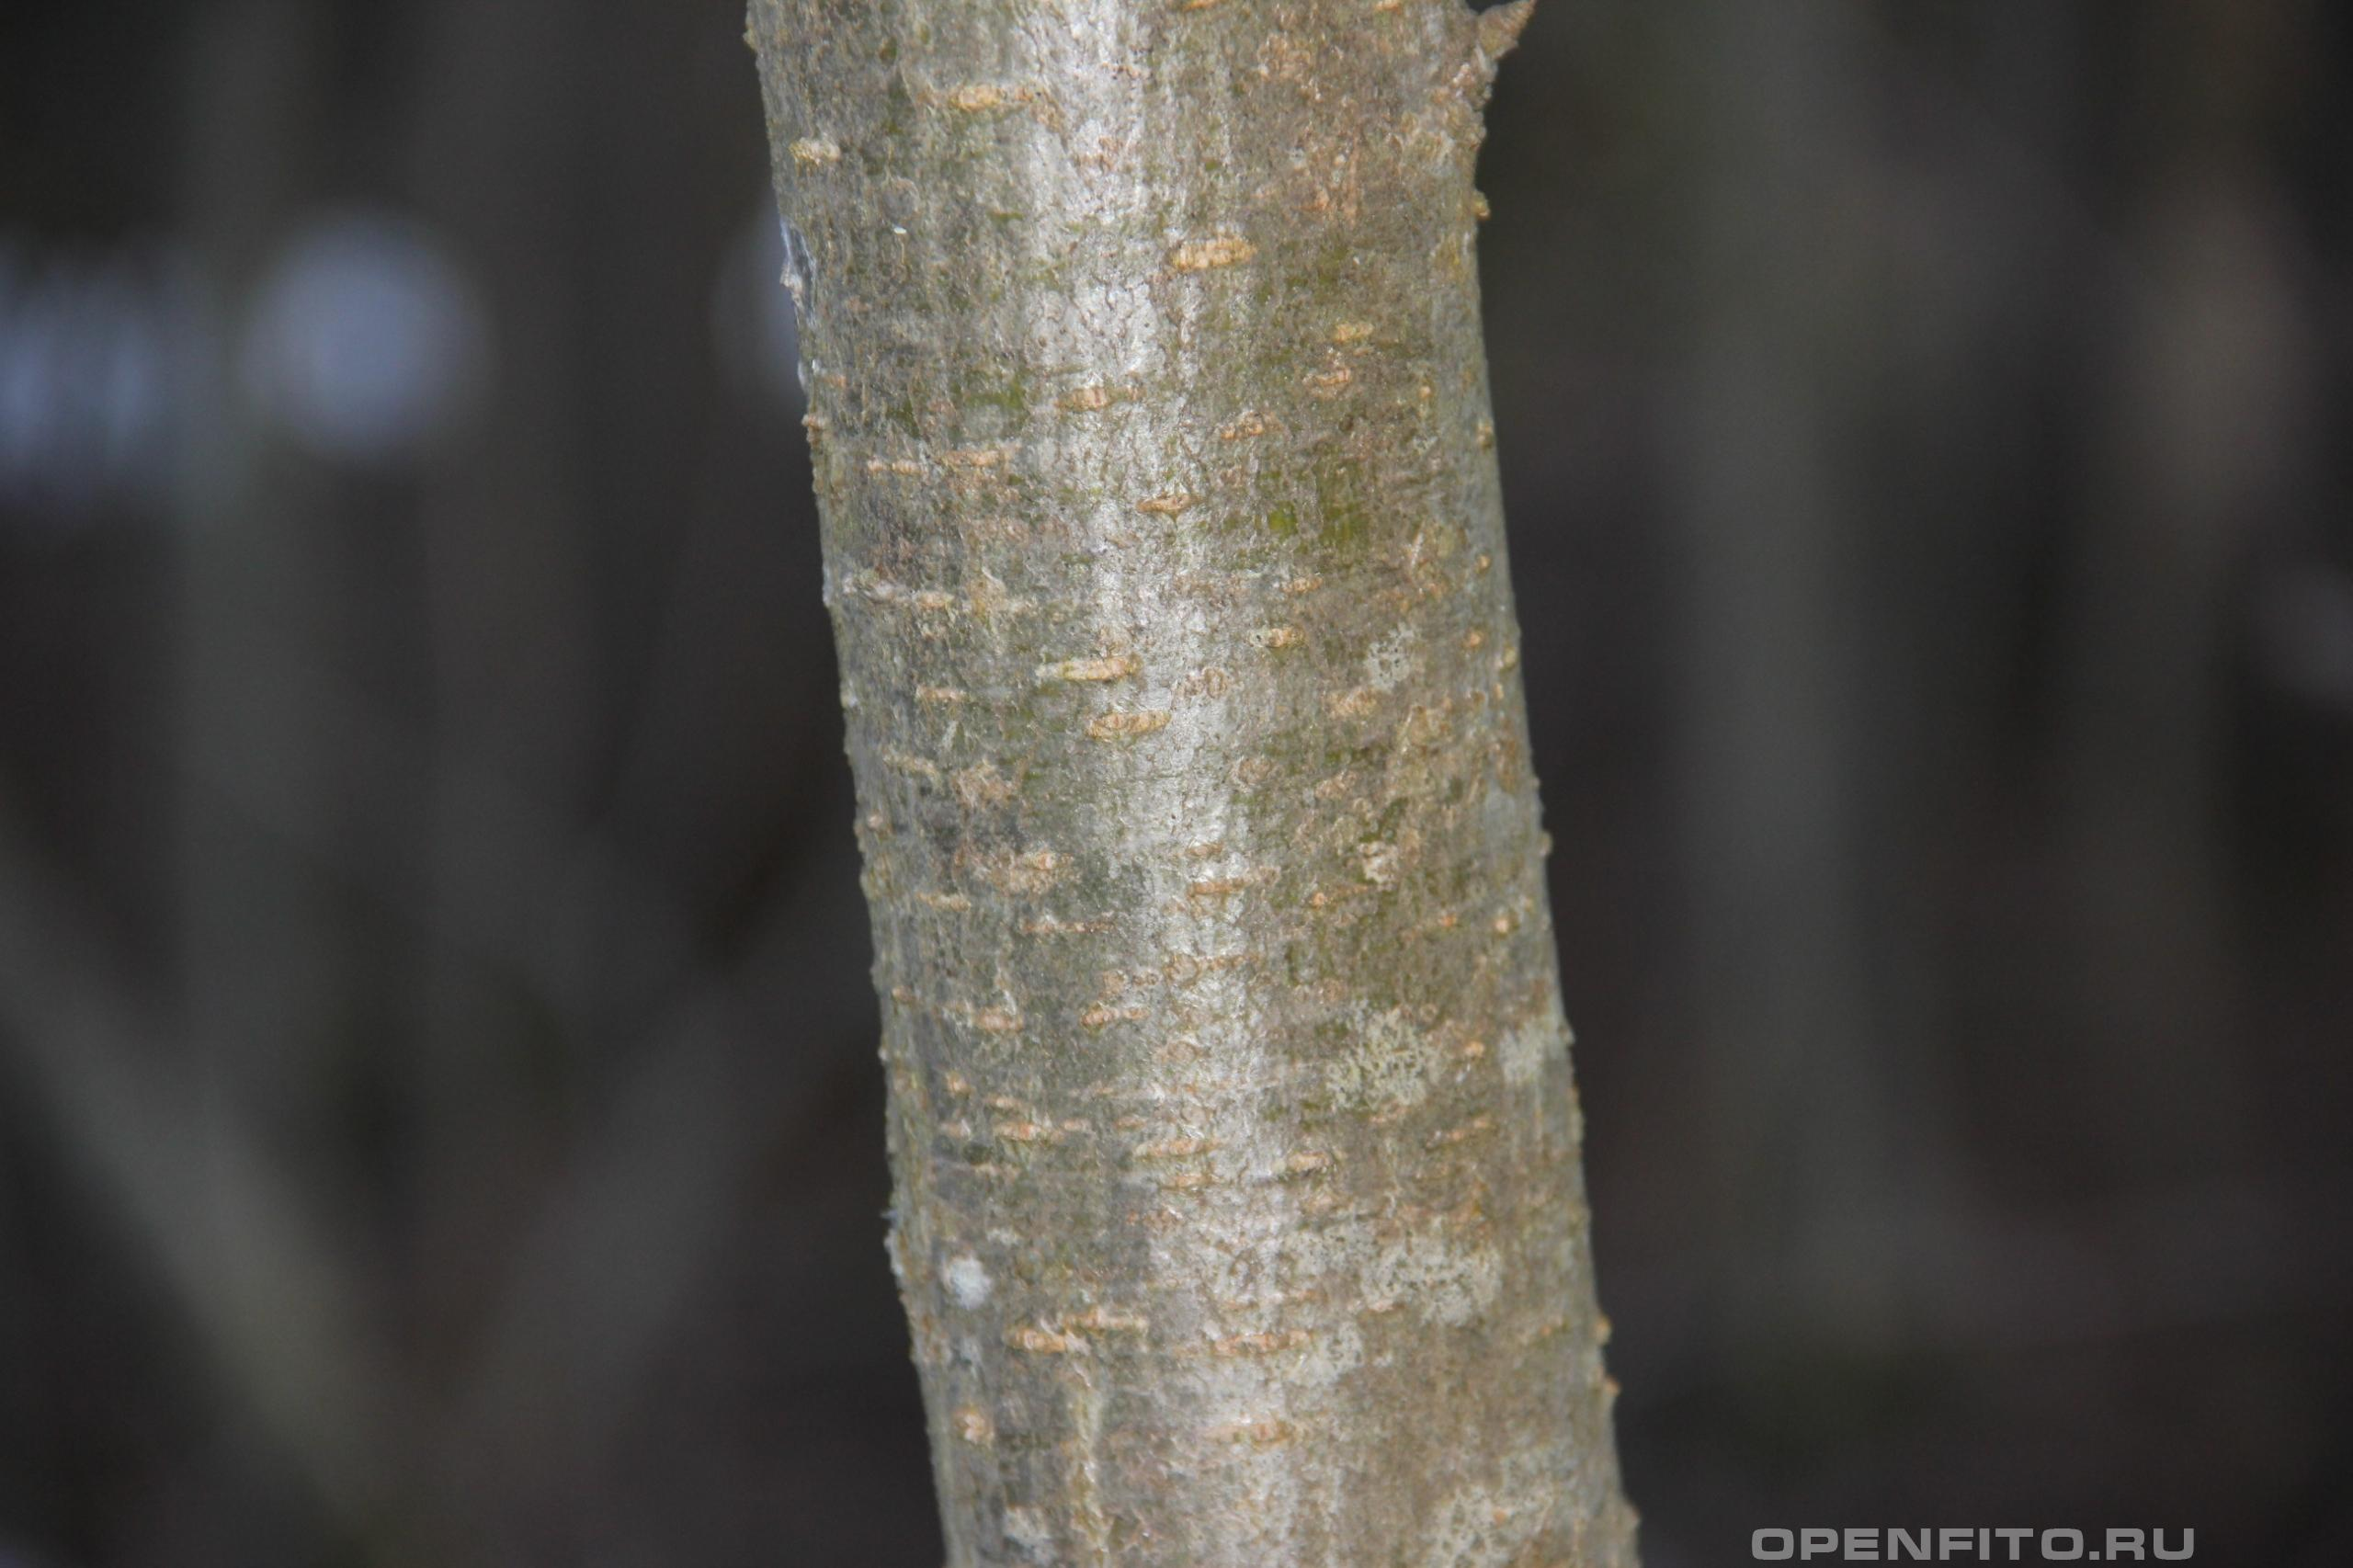 Рябина обыкновенная кора